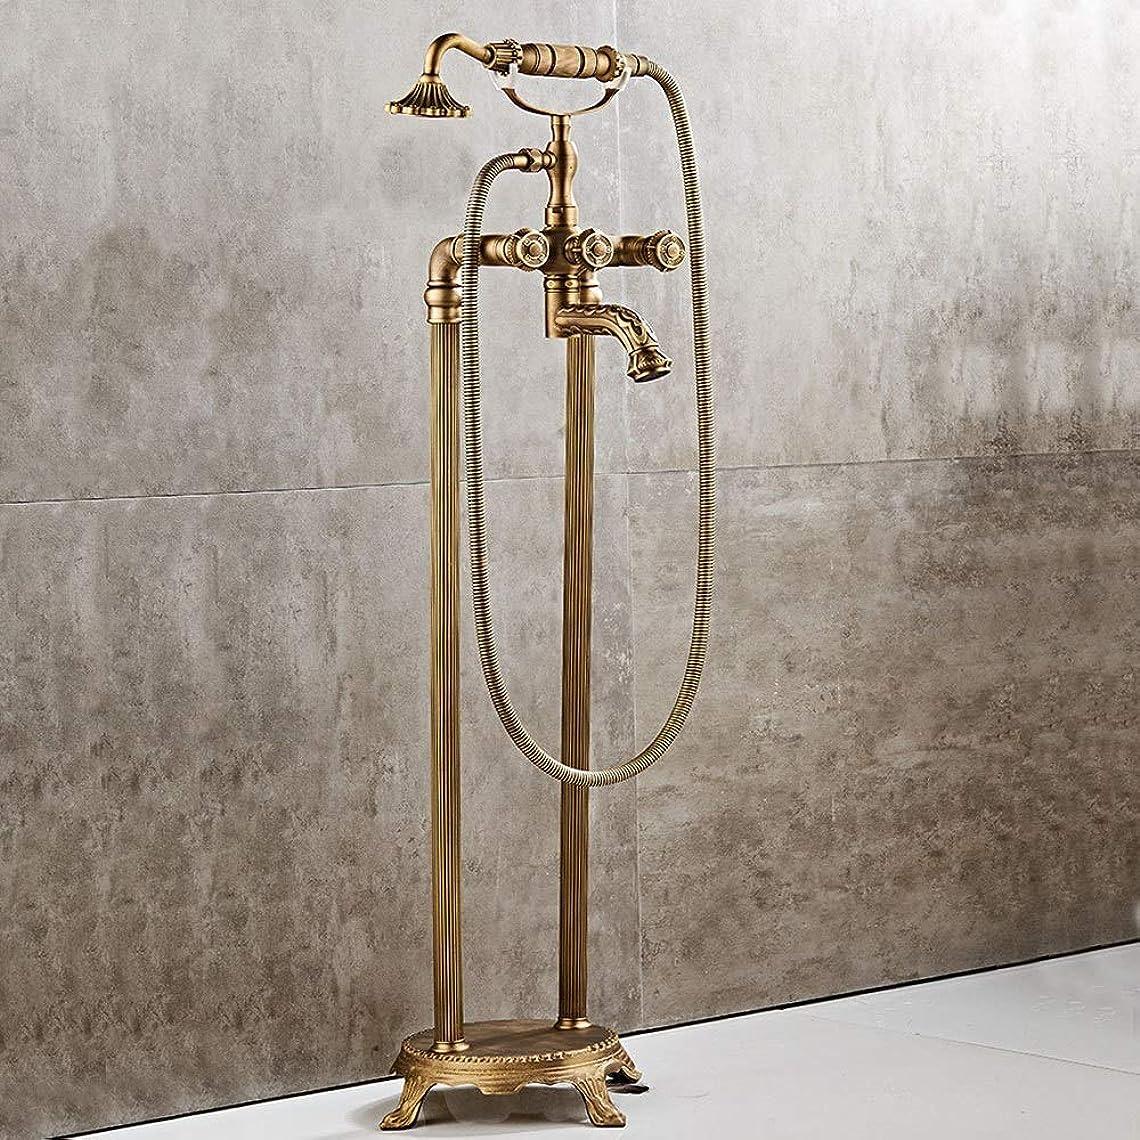 陰気怖がって死ぬ正確な浴室用混合水栓 ハンドヘルドシャワー自立蛇口バスタブタップミキサーコールドとホットミキサーシャワータップタブをタップするとレトロなバスタブタップ (色 : Brass b, Size : Free size)